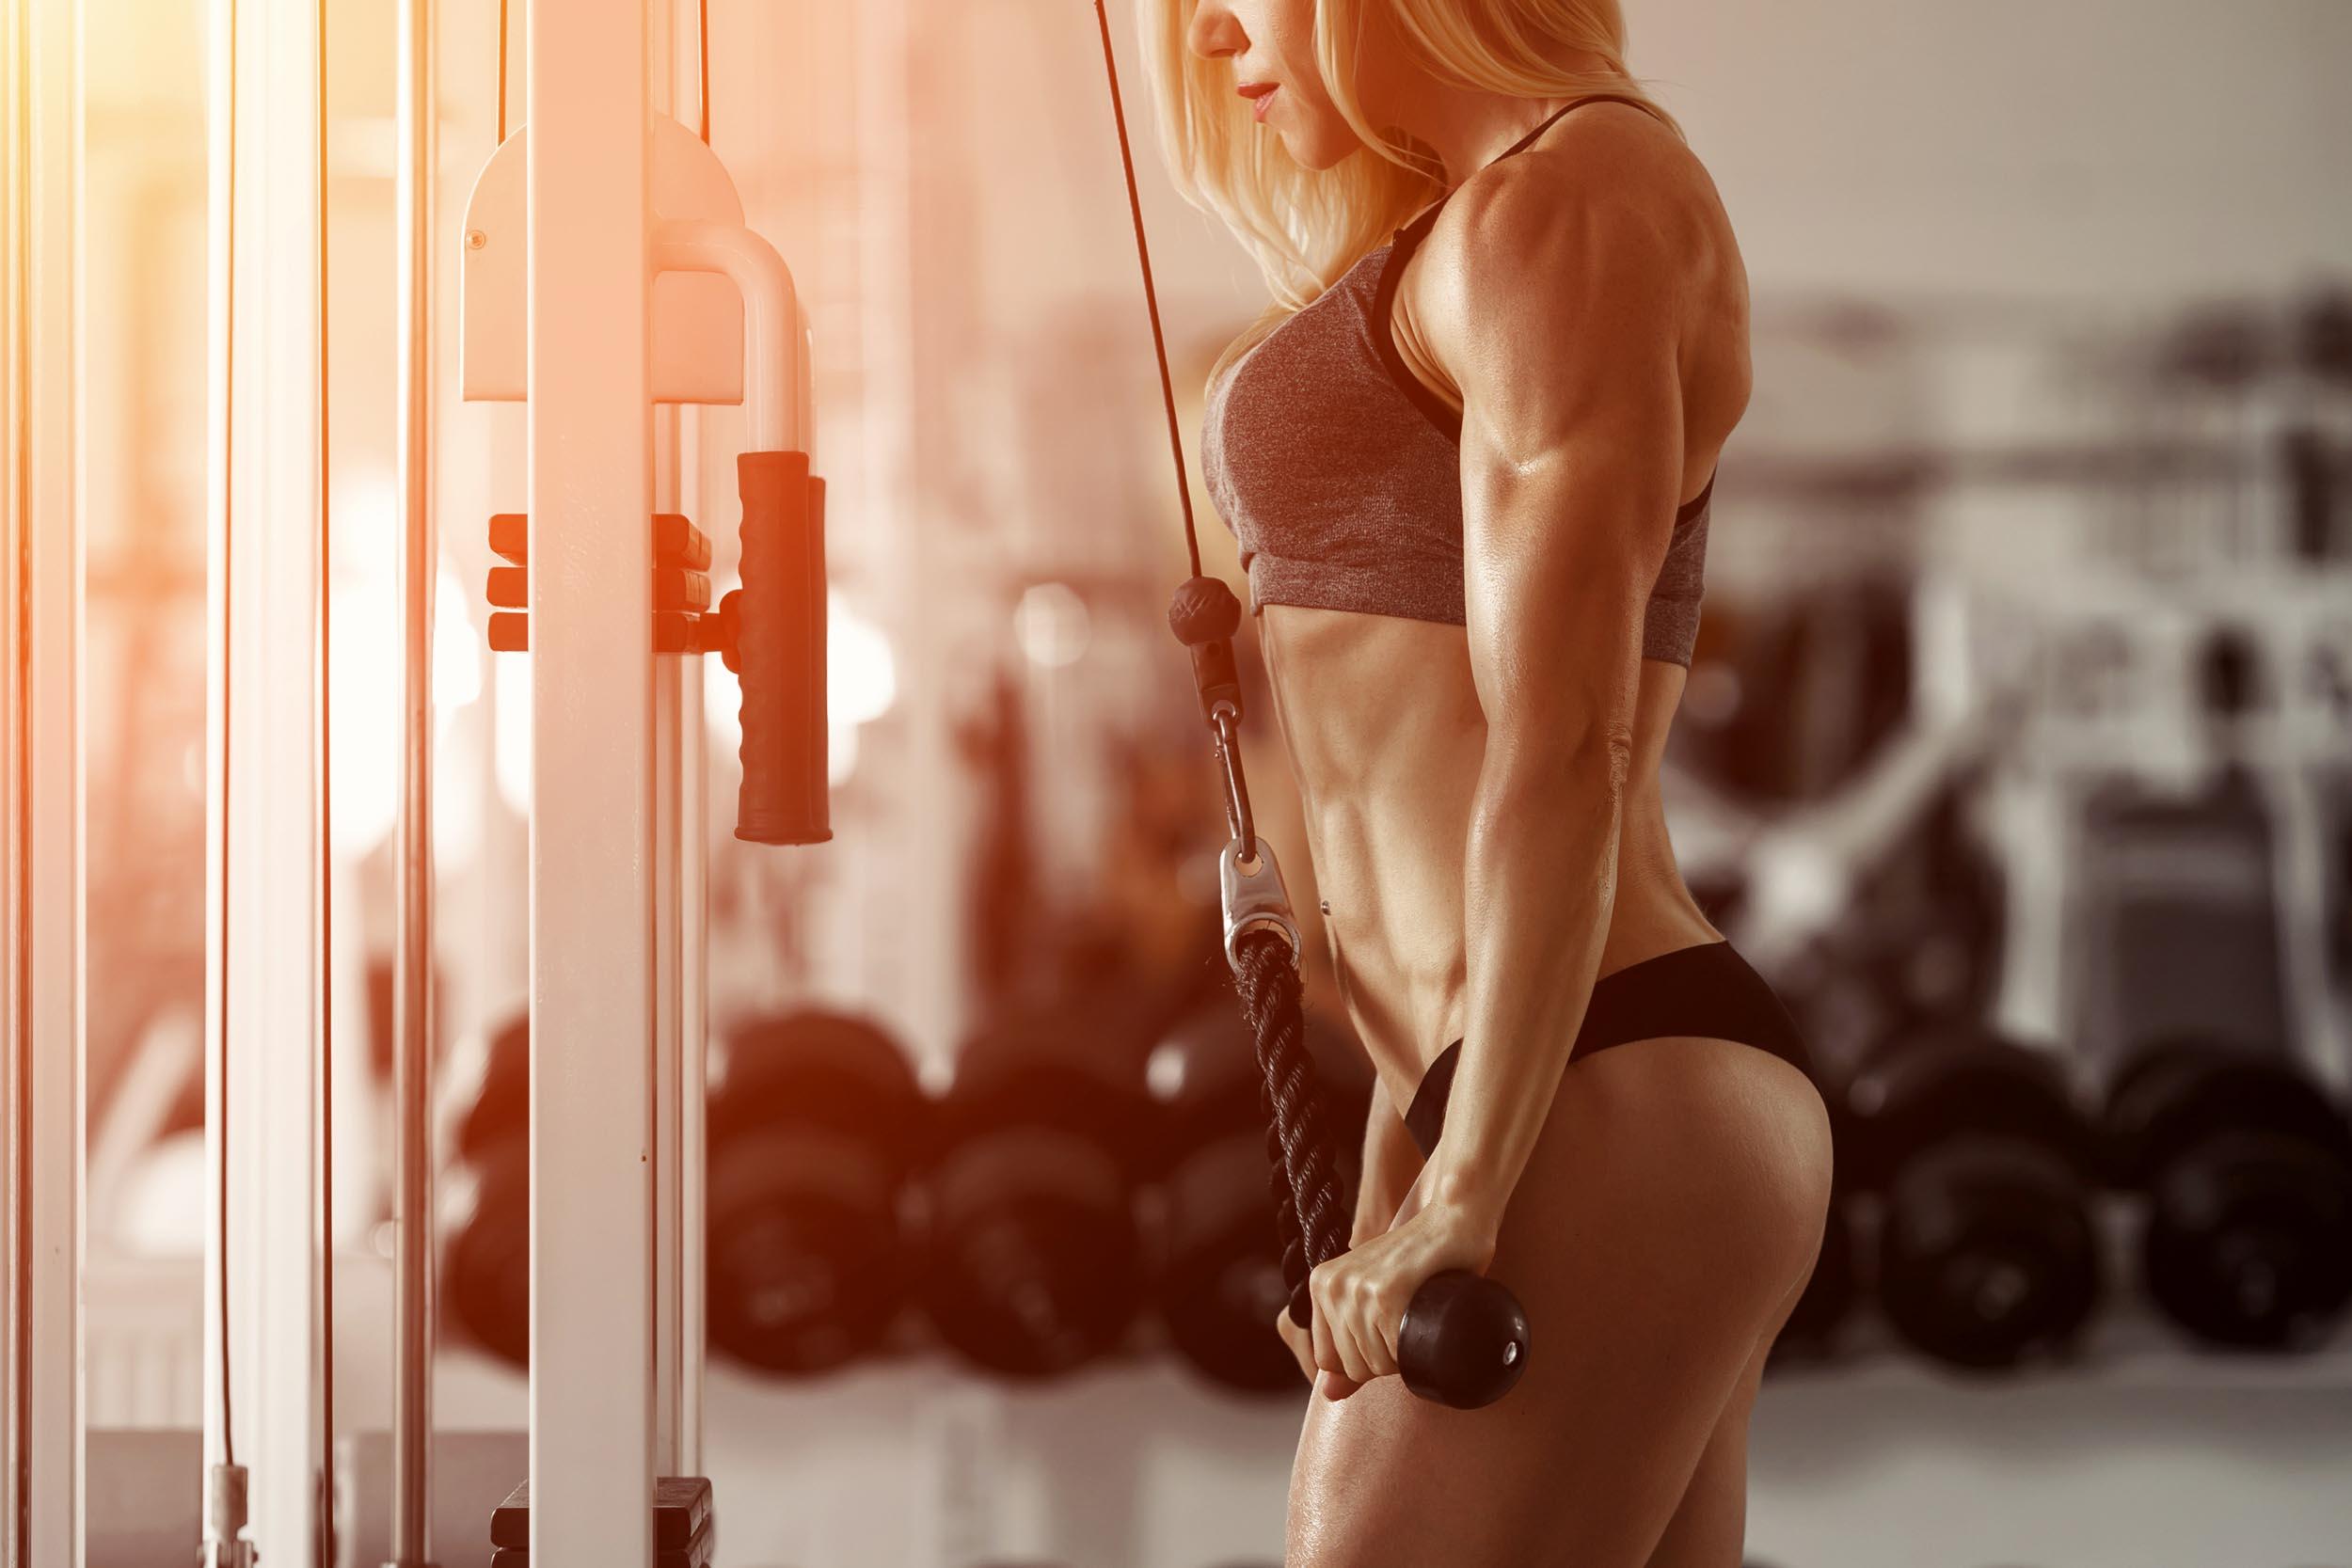 Бодибилдинг Для Похудения Девушек. Женский бодибилдинг и фитнес: что выбрать для похудения?